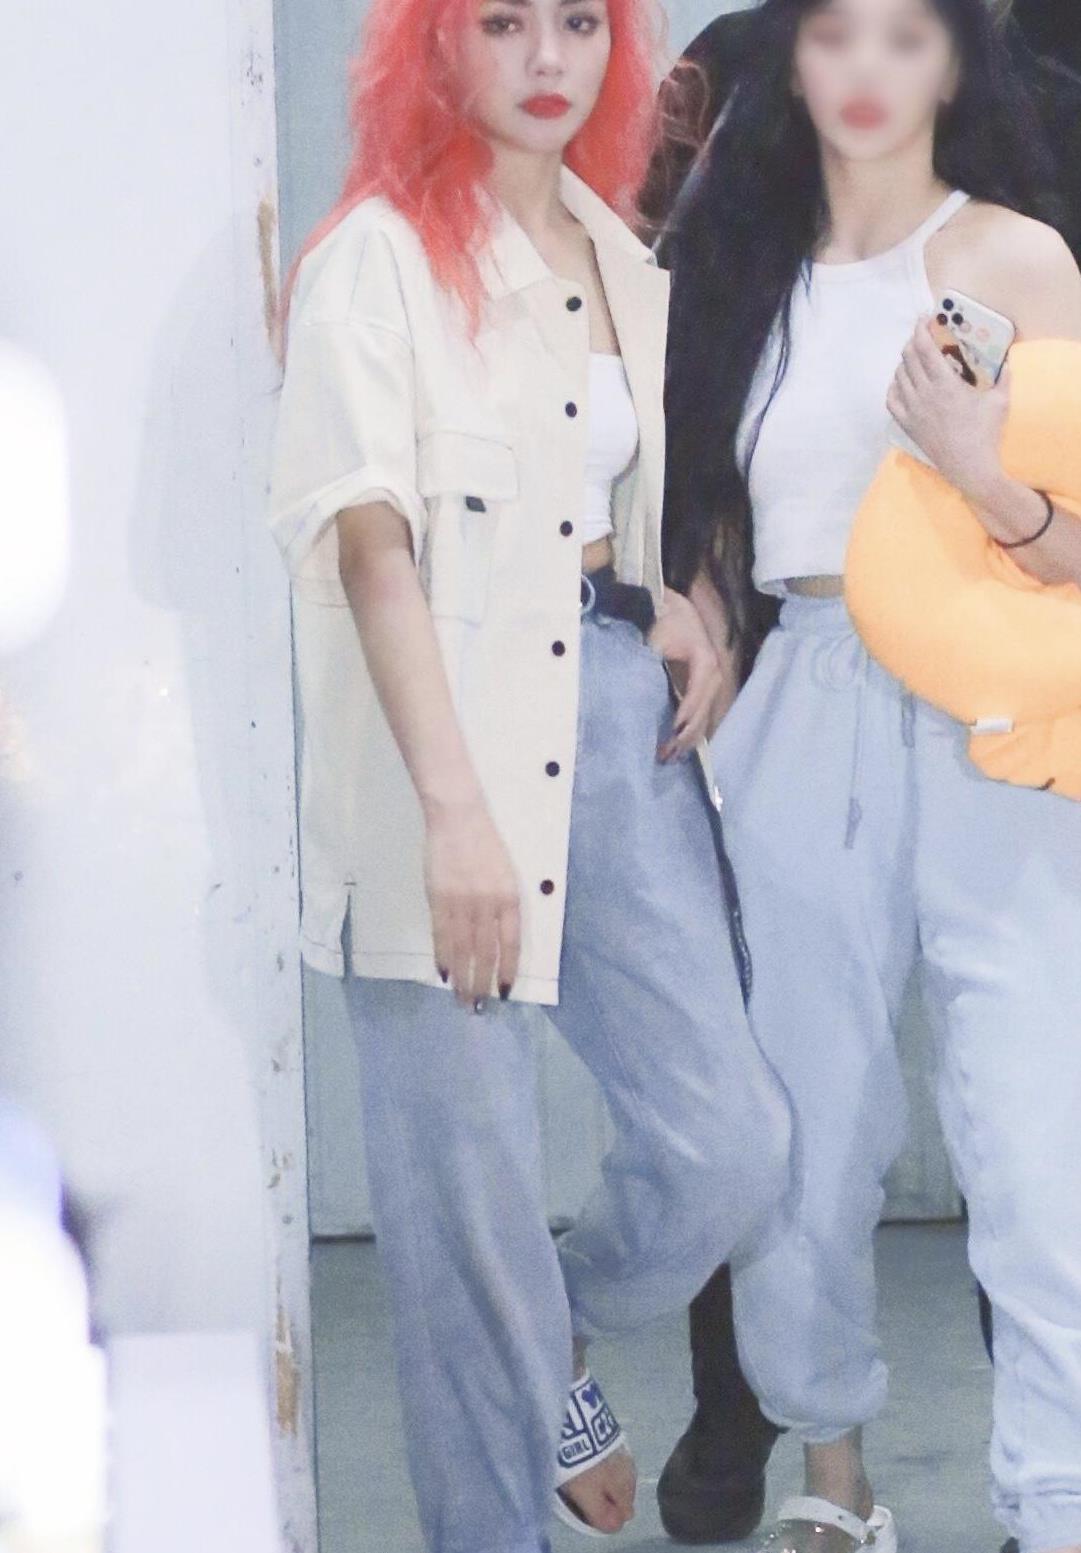 谢可寅粉红色的爆炸头发型真抢镜,衬衫搭配牛仔裤,简约又洋气